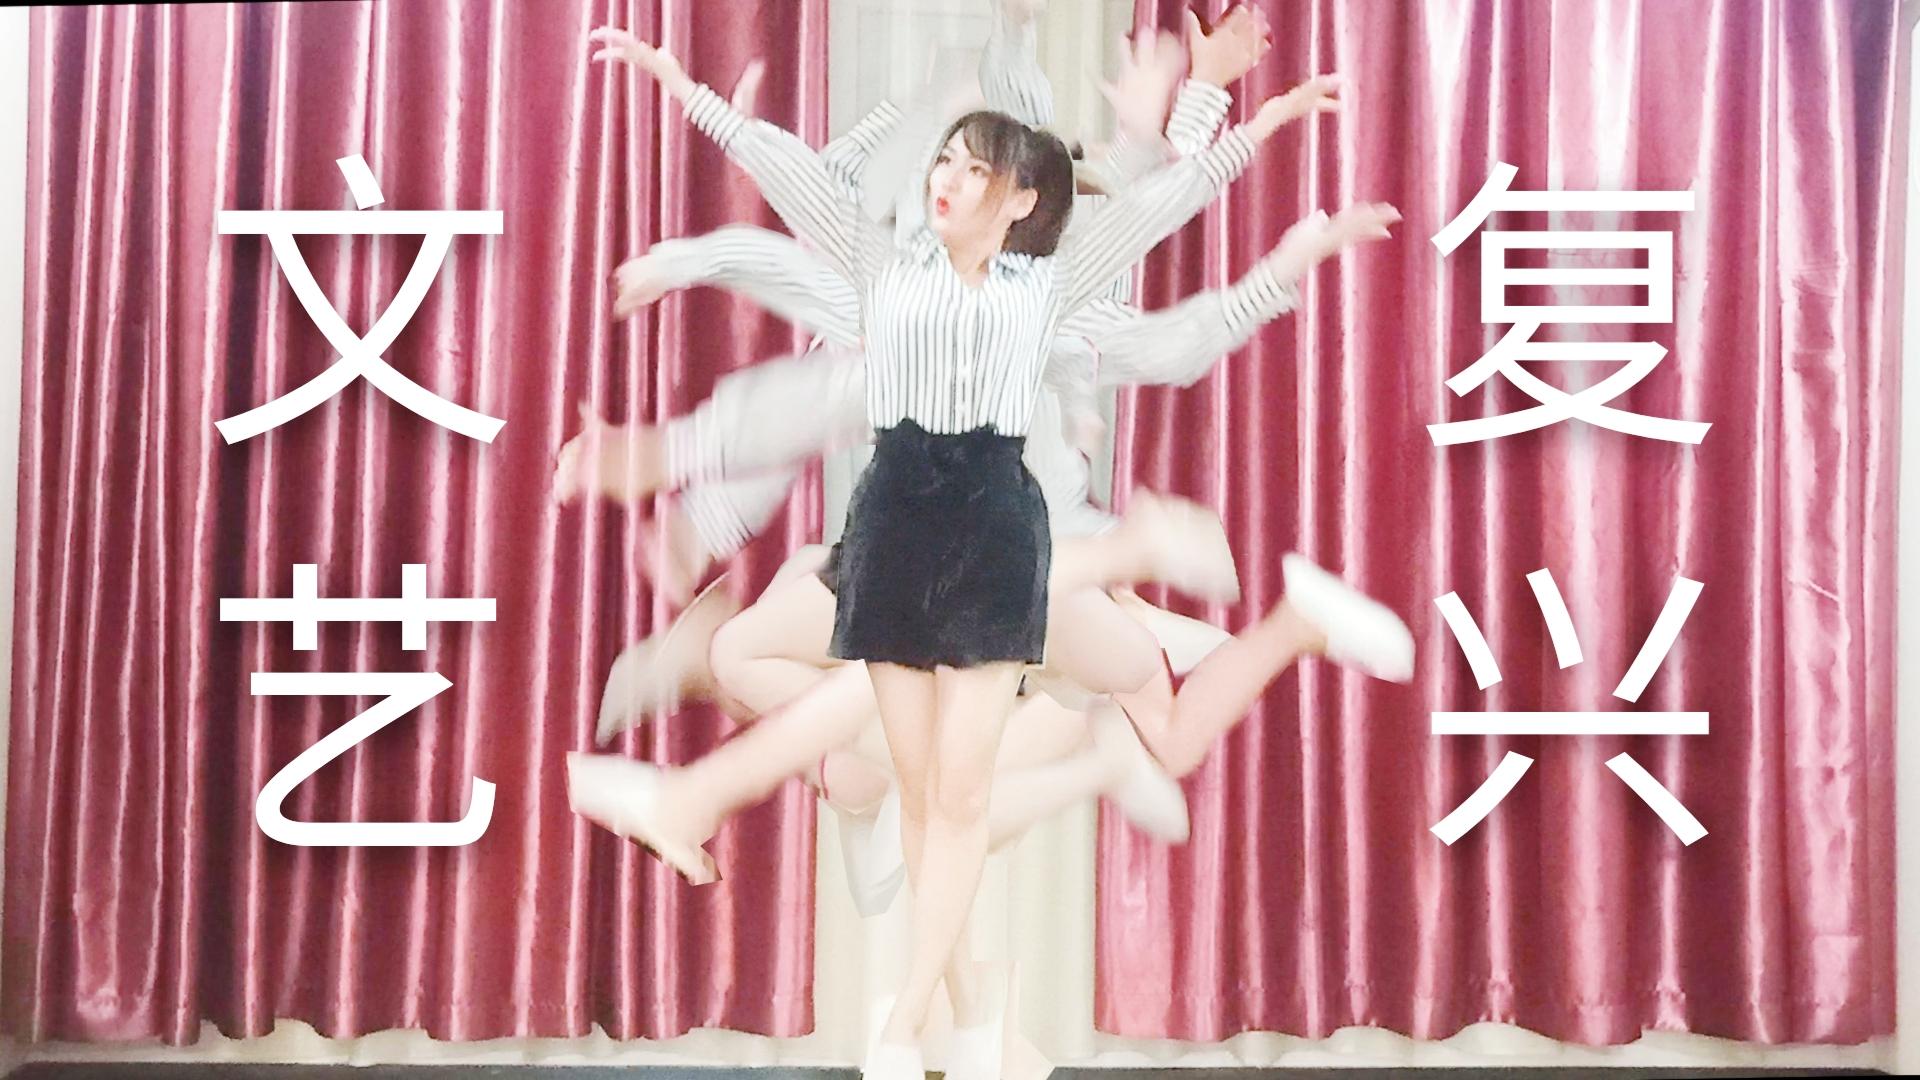 【合】舞见隔离14天都在做什么 截屏神舞get☆down